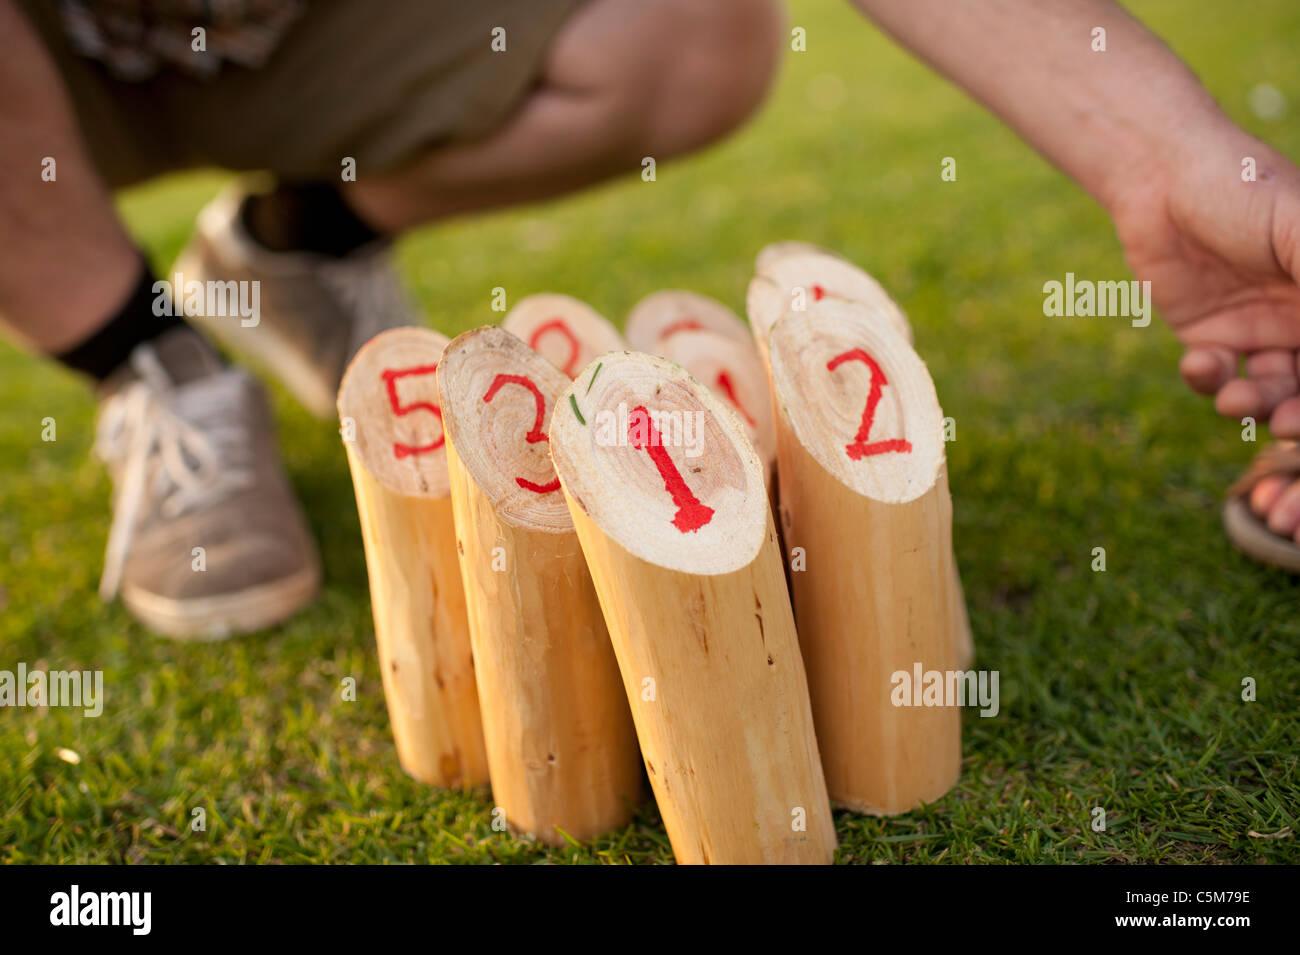 Personnes jouant une version du jeu de plein air finlandais olkky «' qui consiste à frapper les chevilles en bois numérotées avec un bâton Banque D'Images